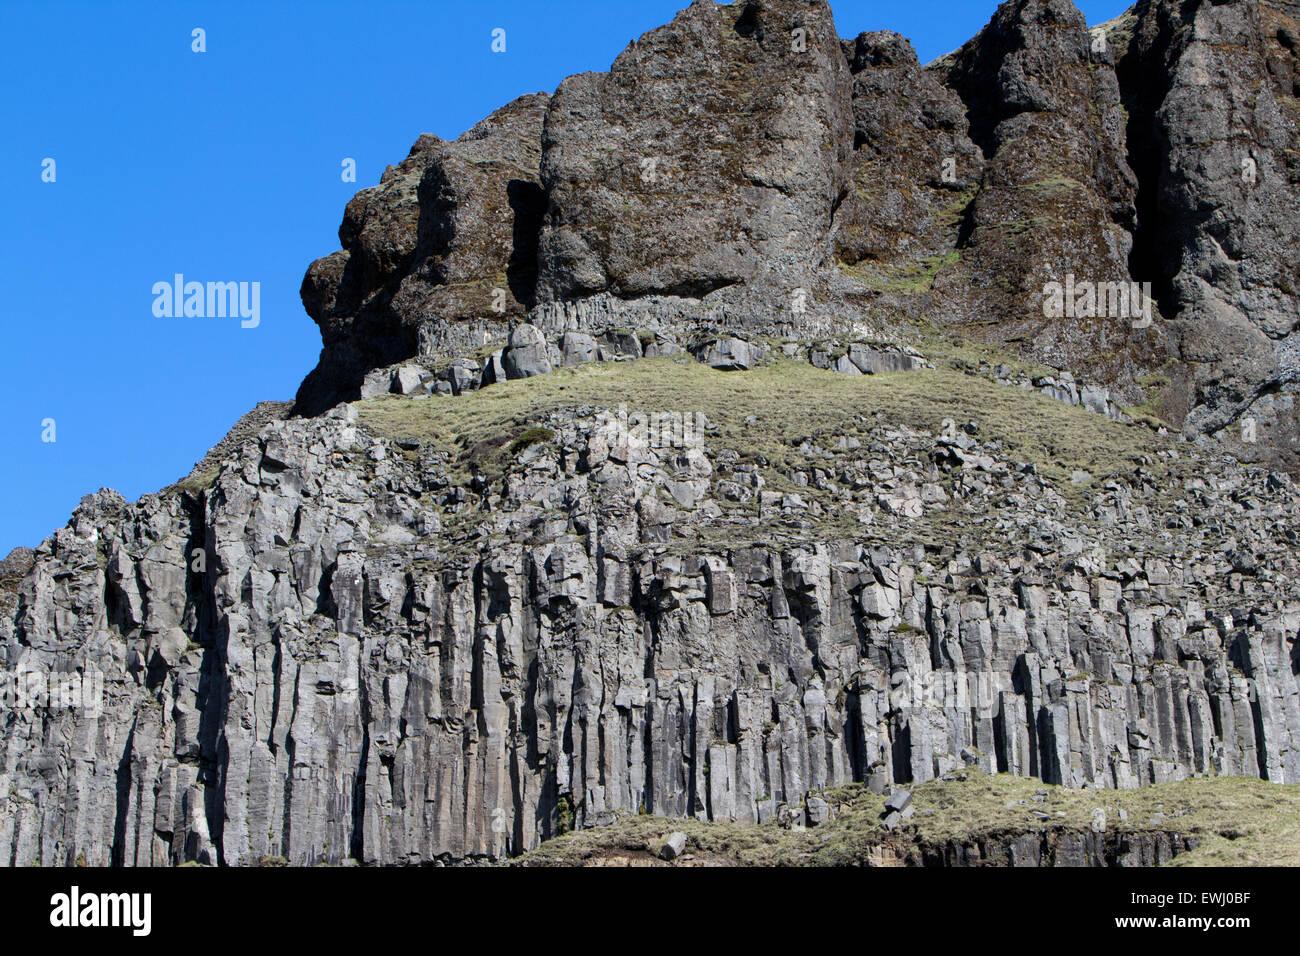 Hexagonal Basalt Volcanic Columns Rock Formations In